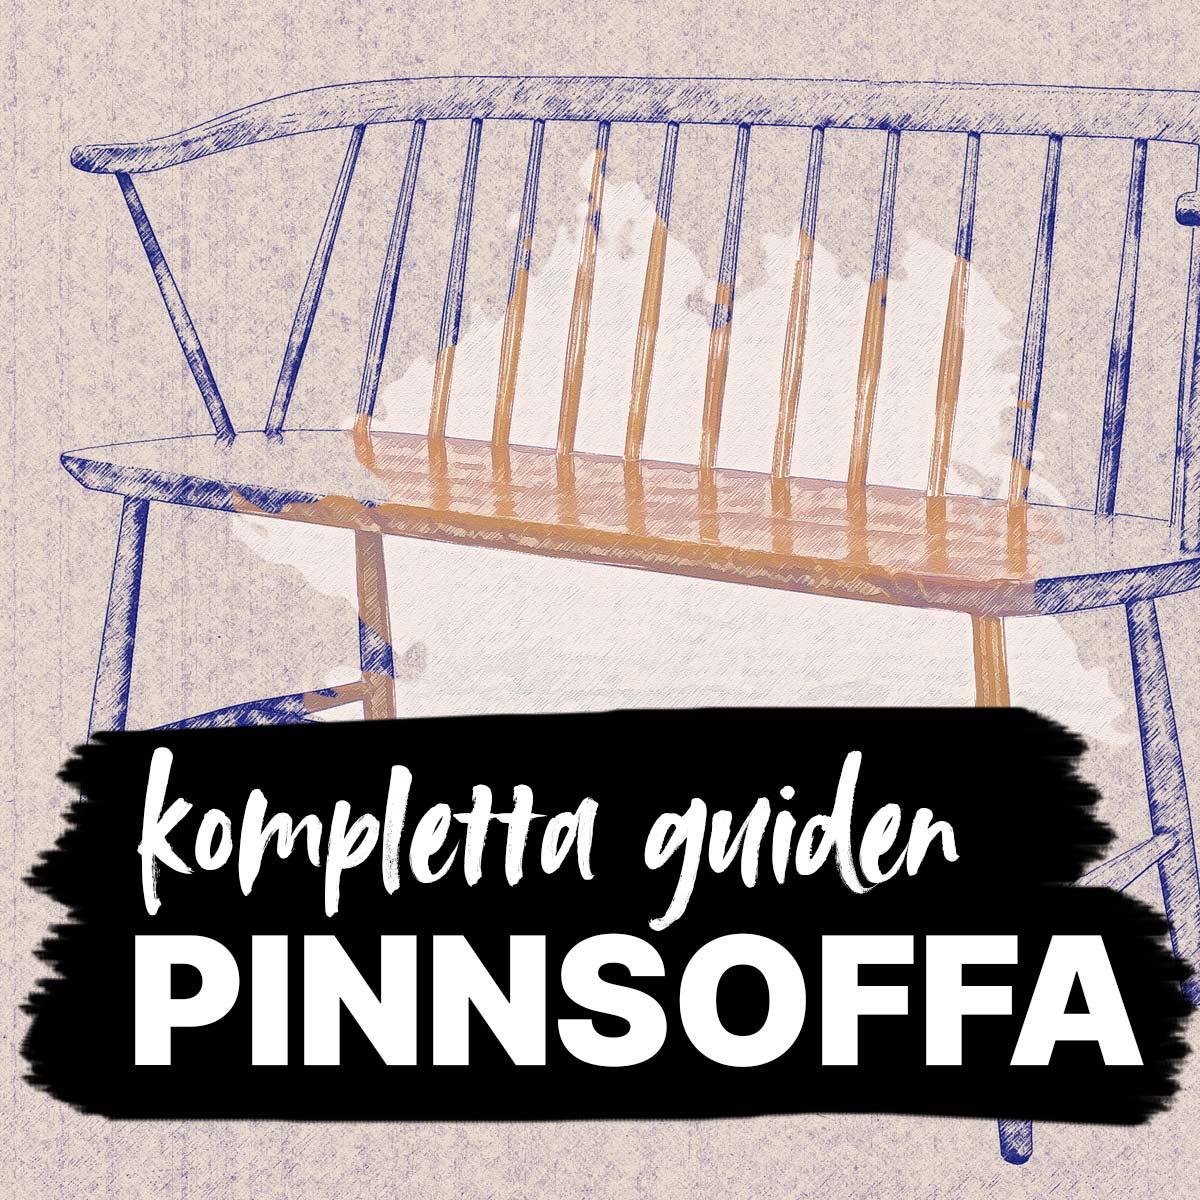 Pinnsoffa - komplett guide